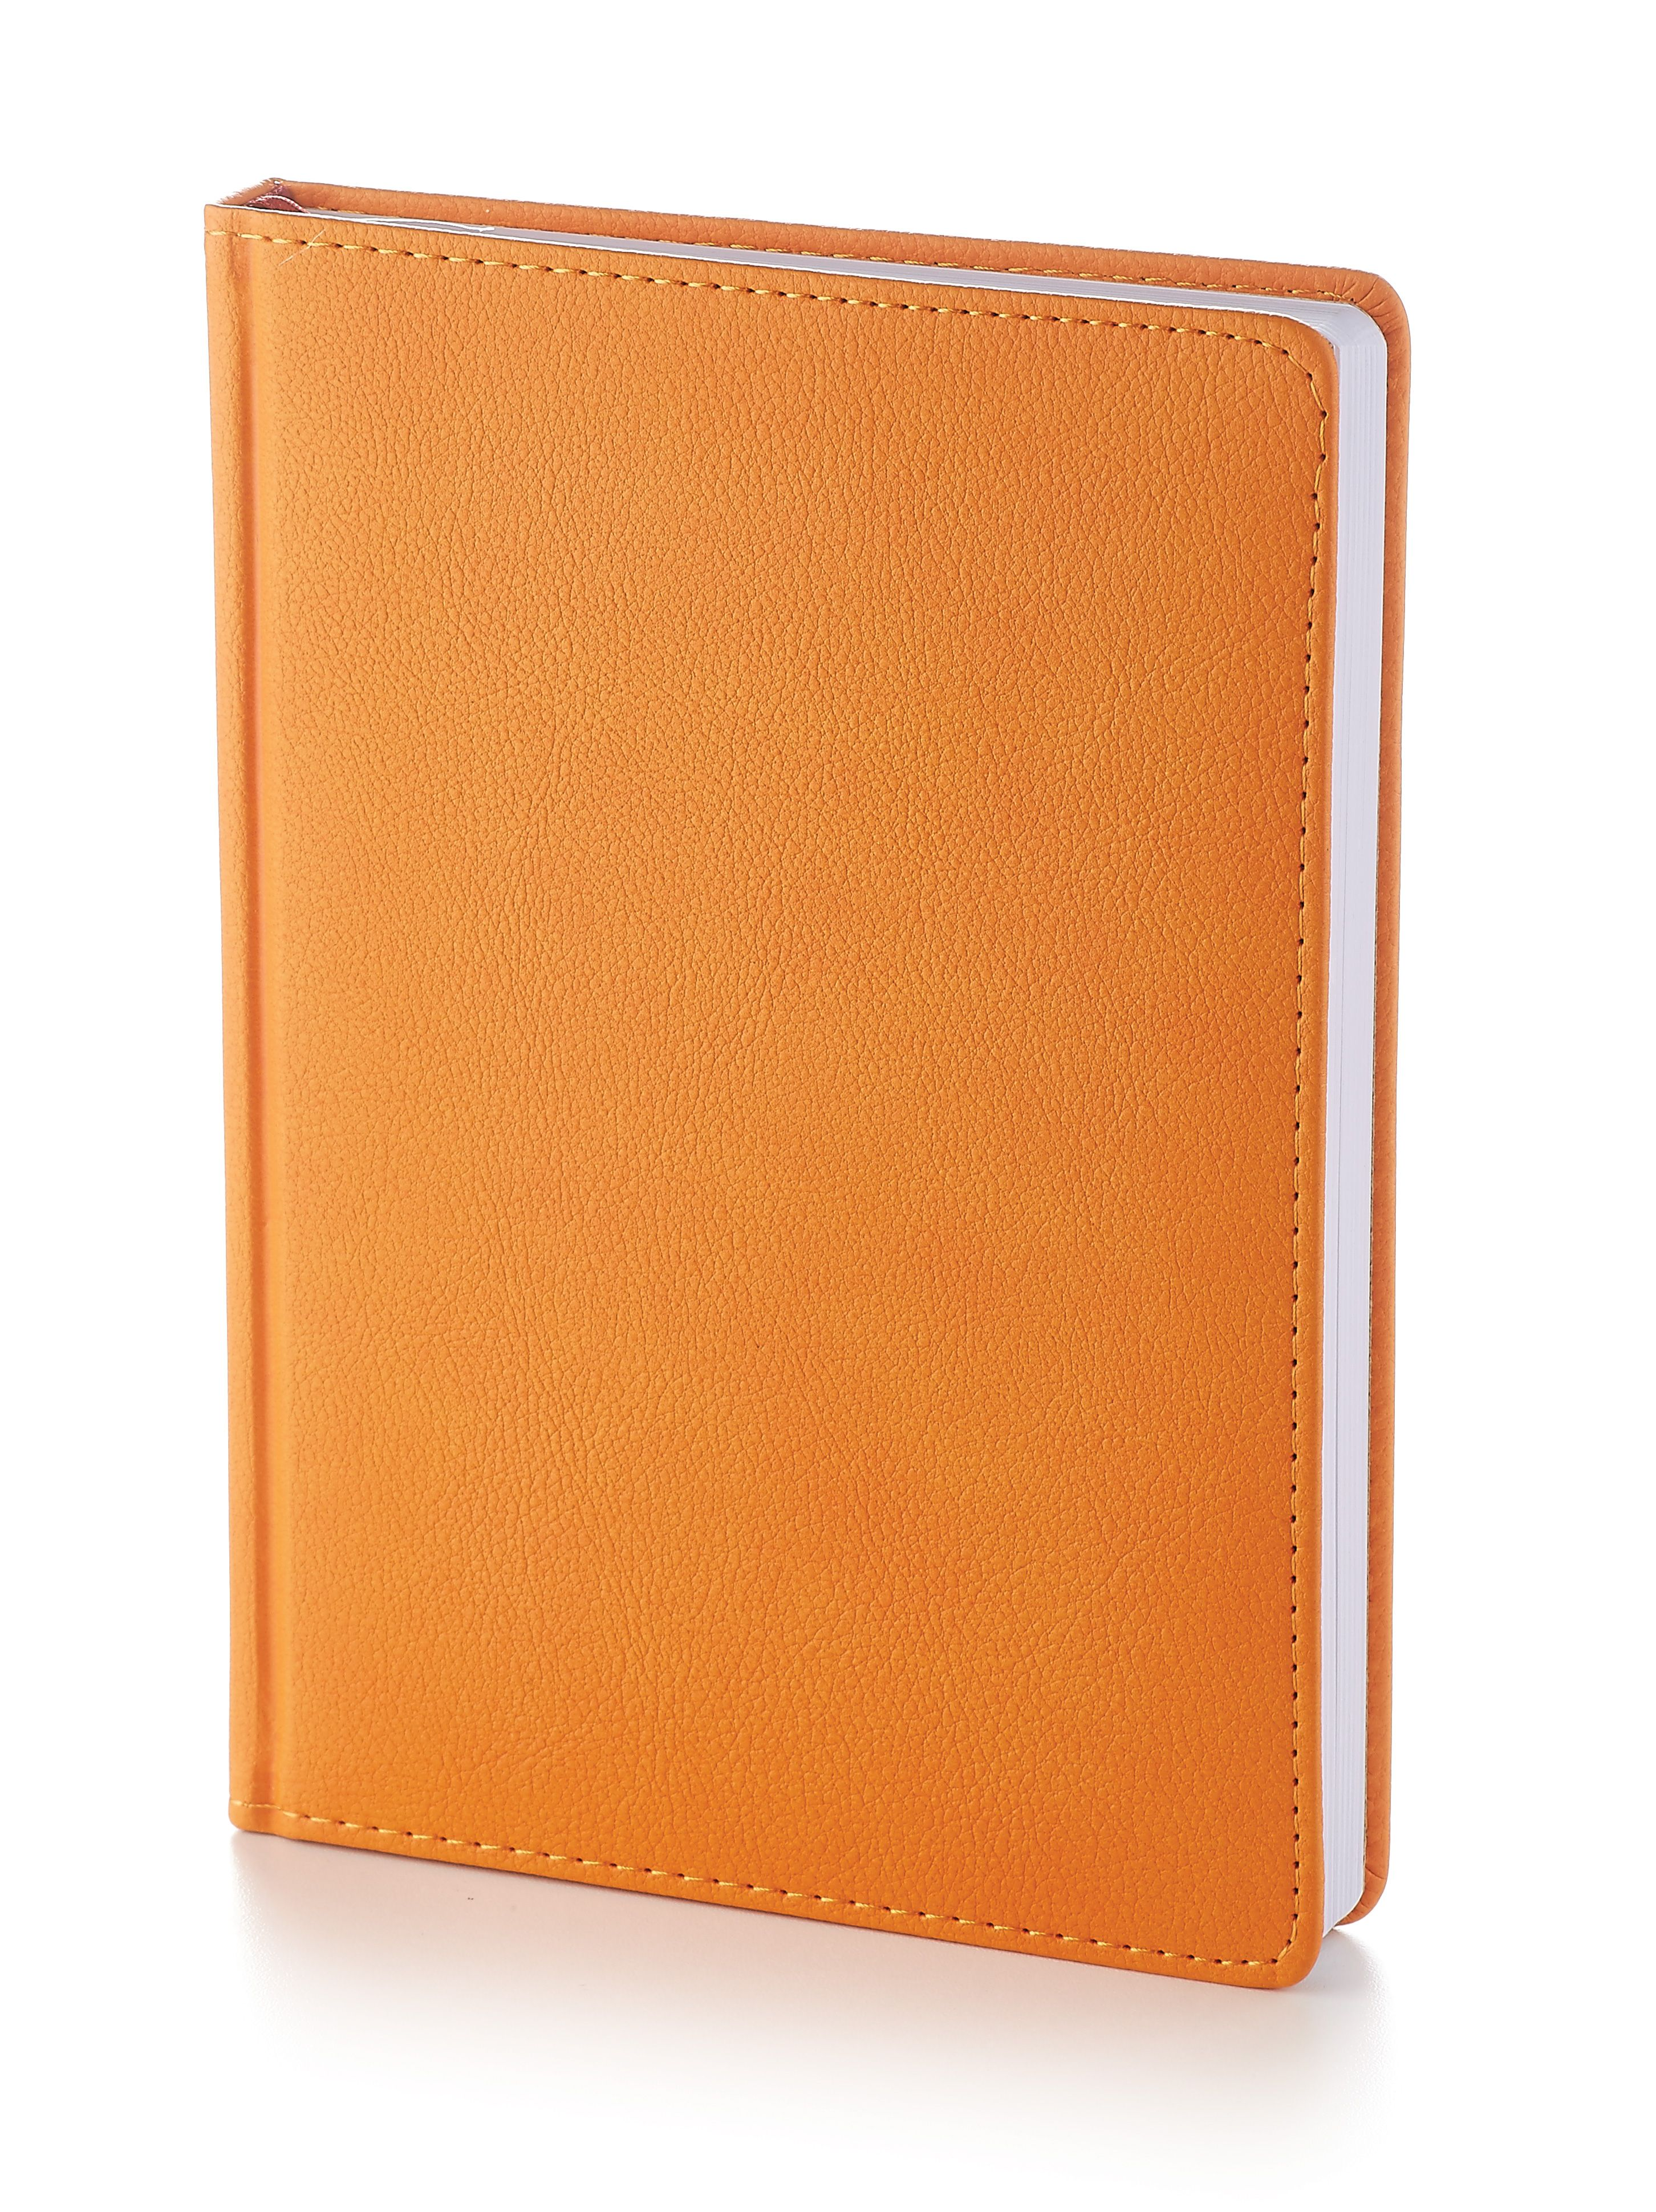 Ежедневник недатированный Leader New, А5, оранжевый, белый блок, закругленные углы, без обреза